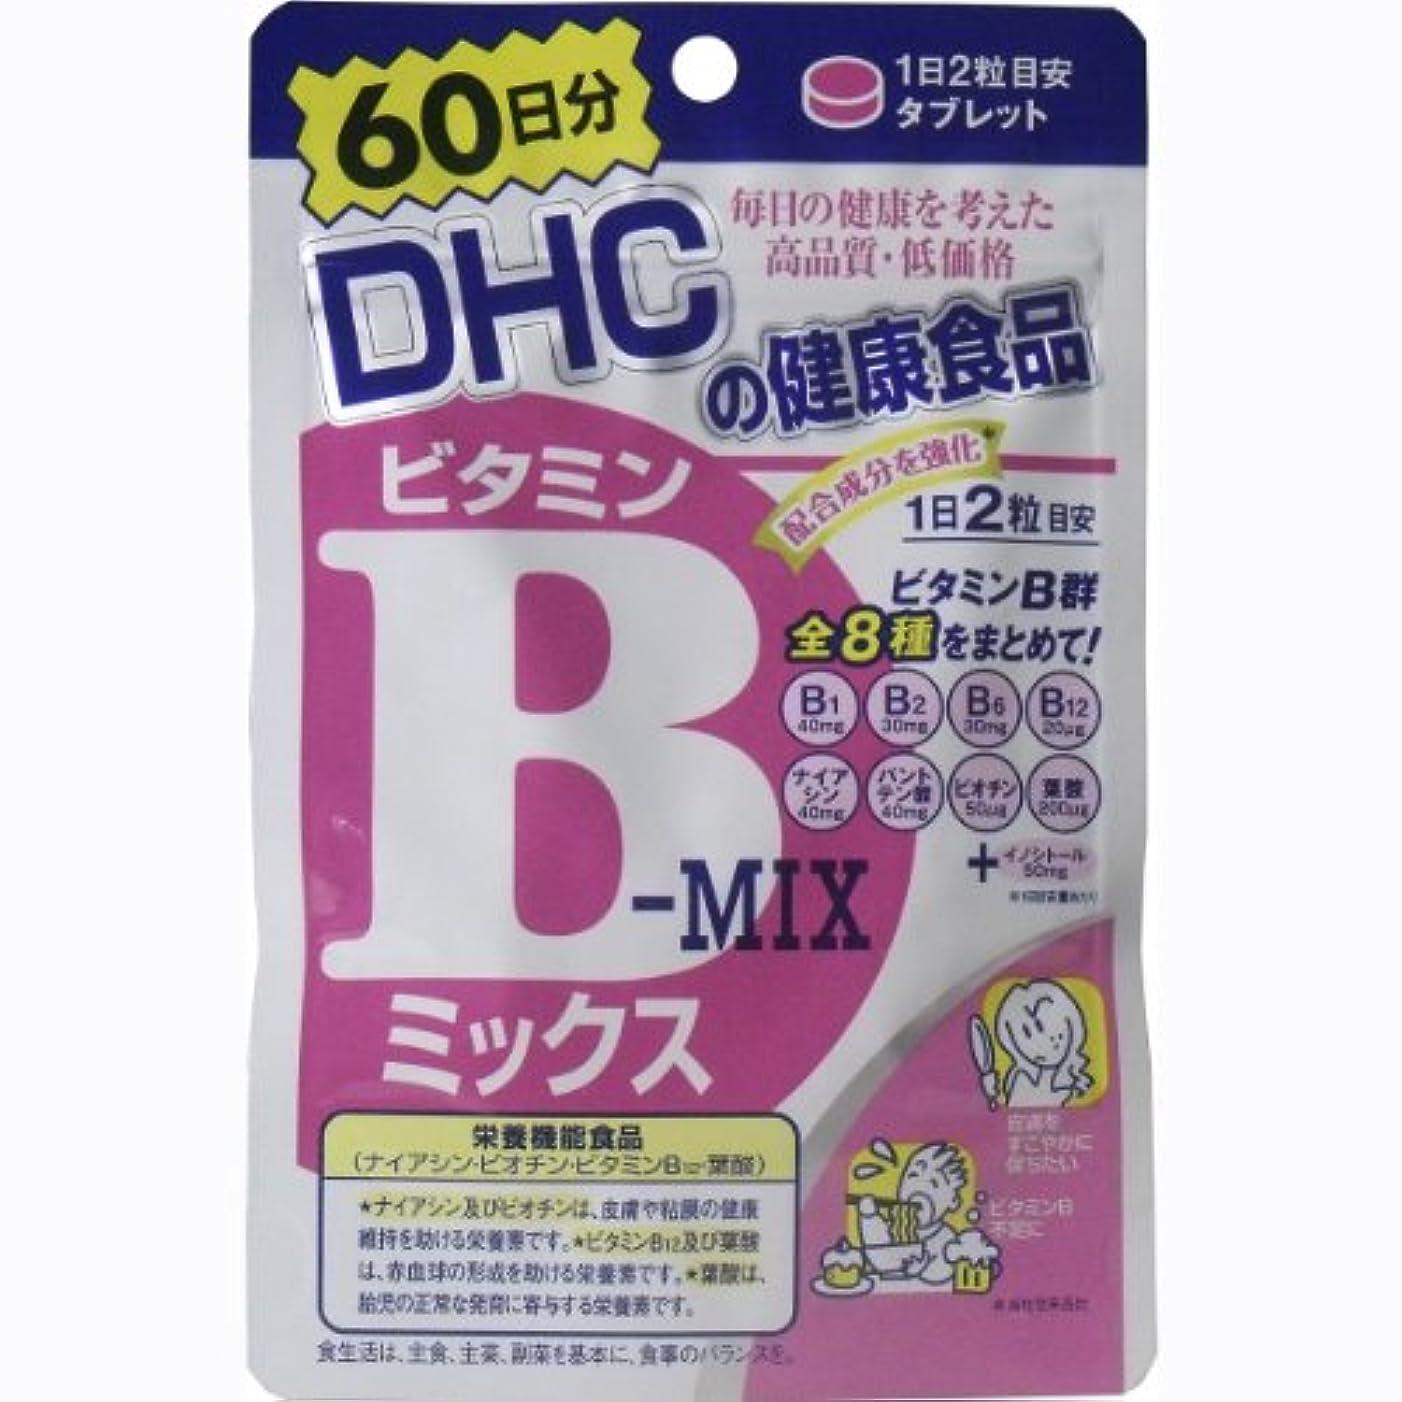 目指す形シフトDHC ビタミンBミックス 120粒 60日分「5点セット」